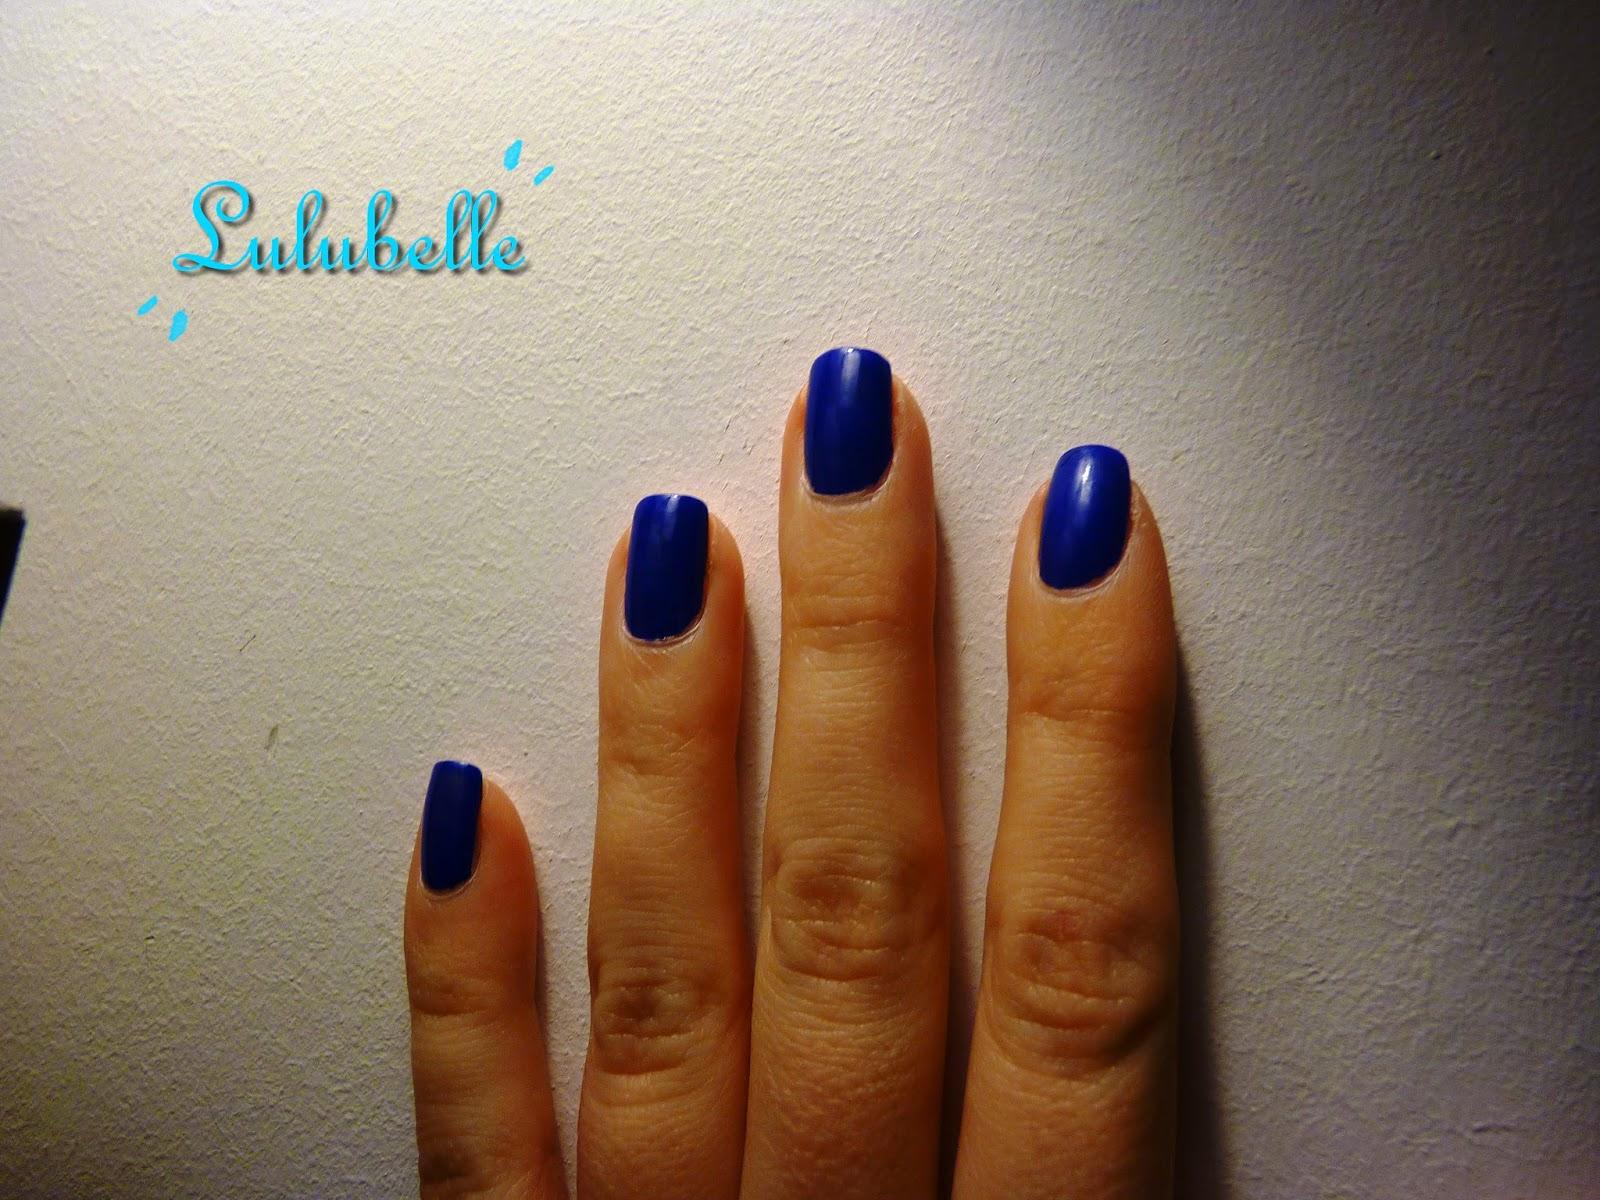 claire's vernis blue gel